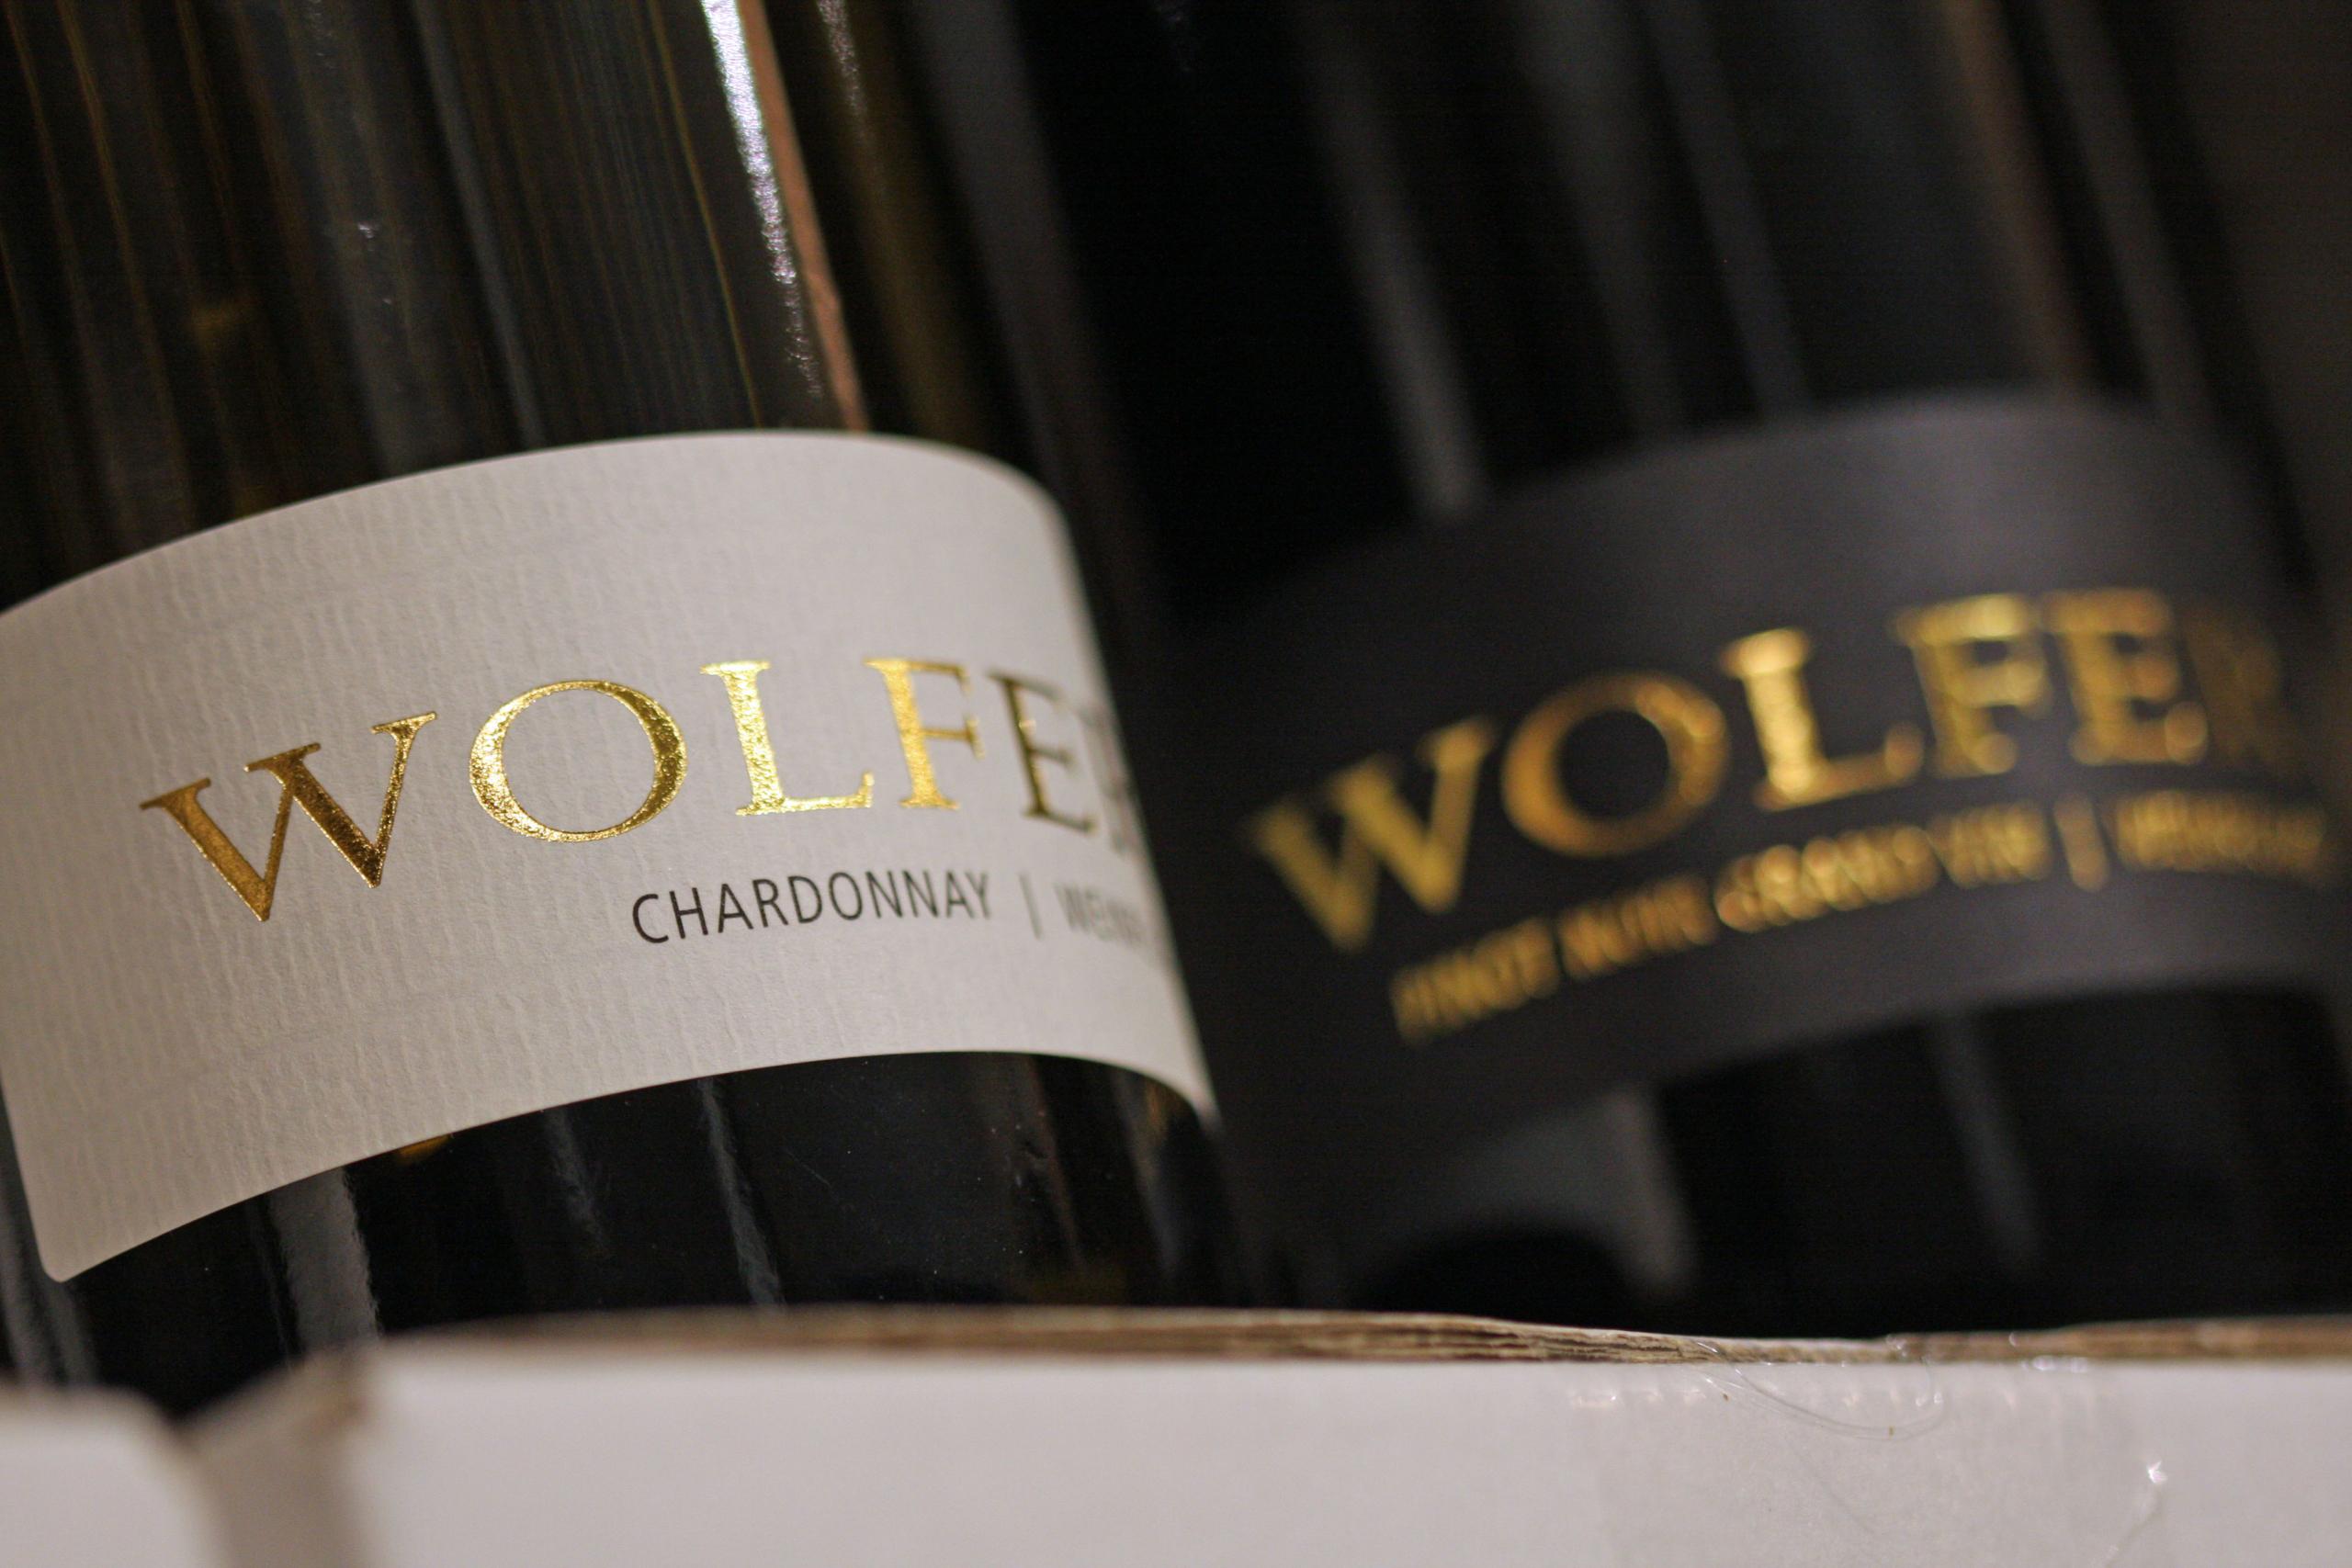 wiine martin wolfer weingut